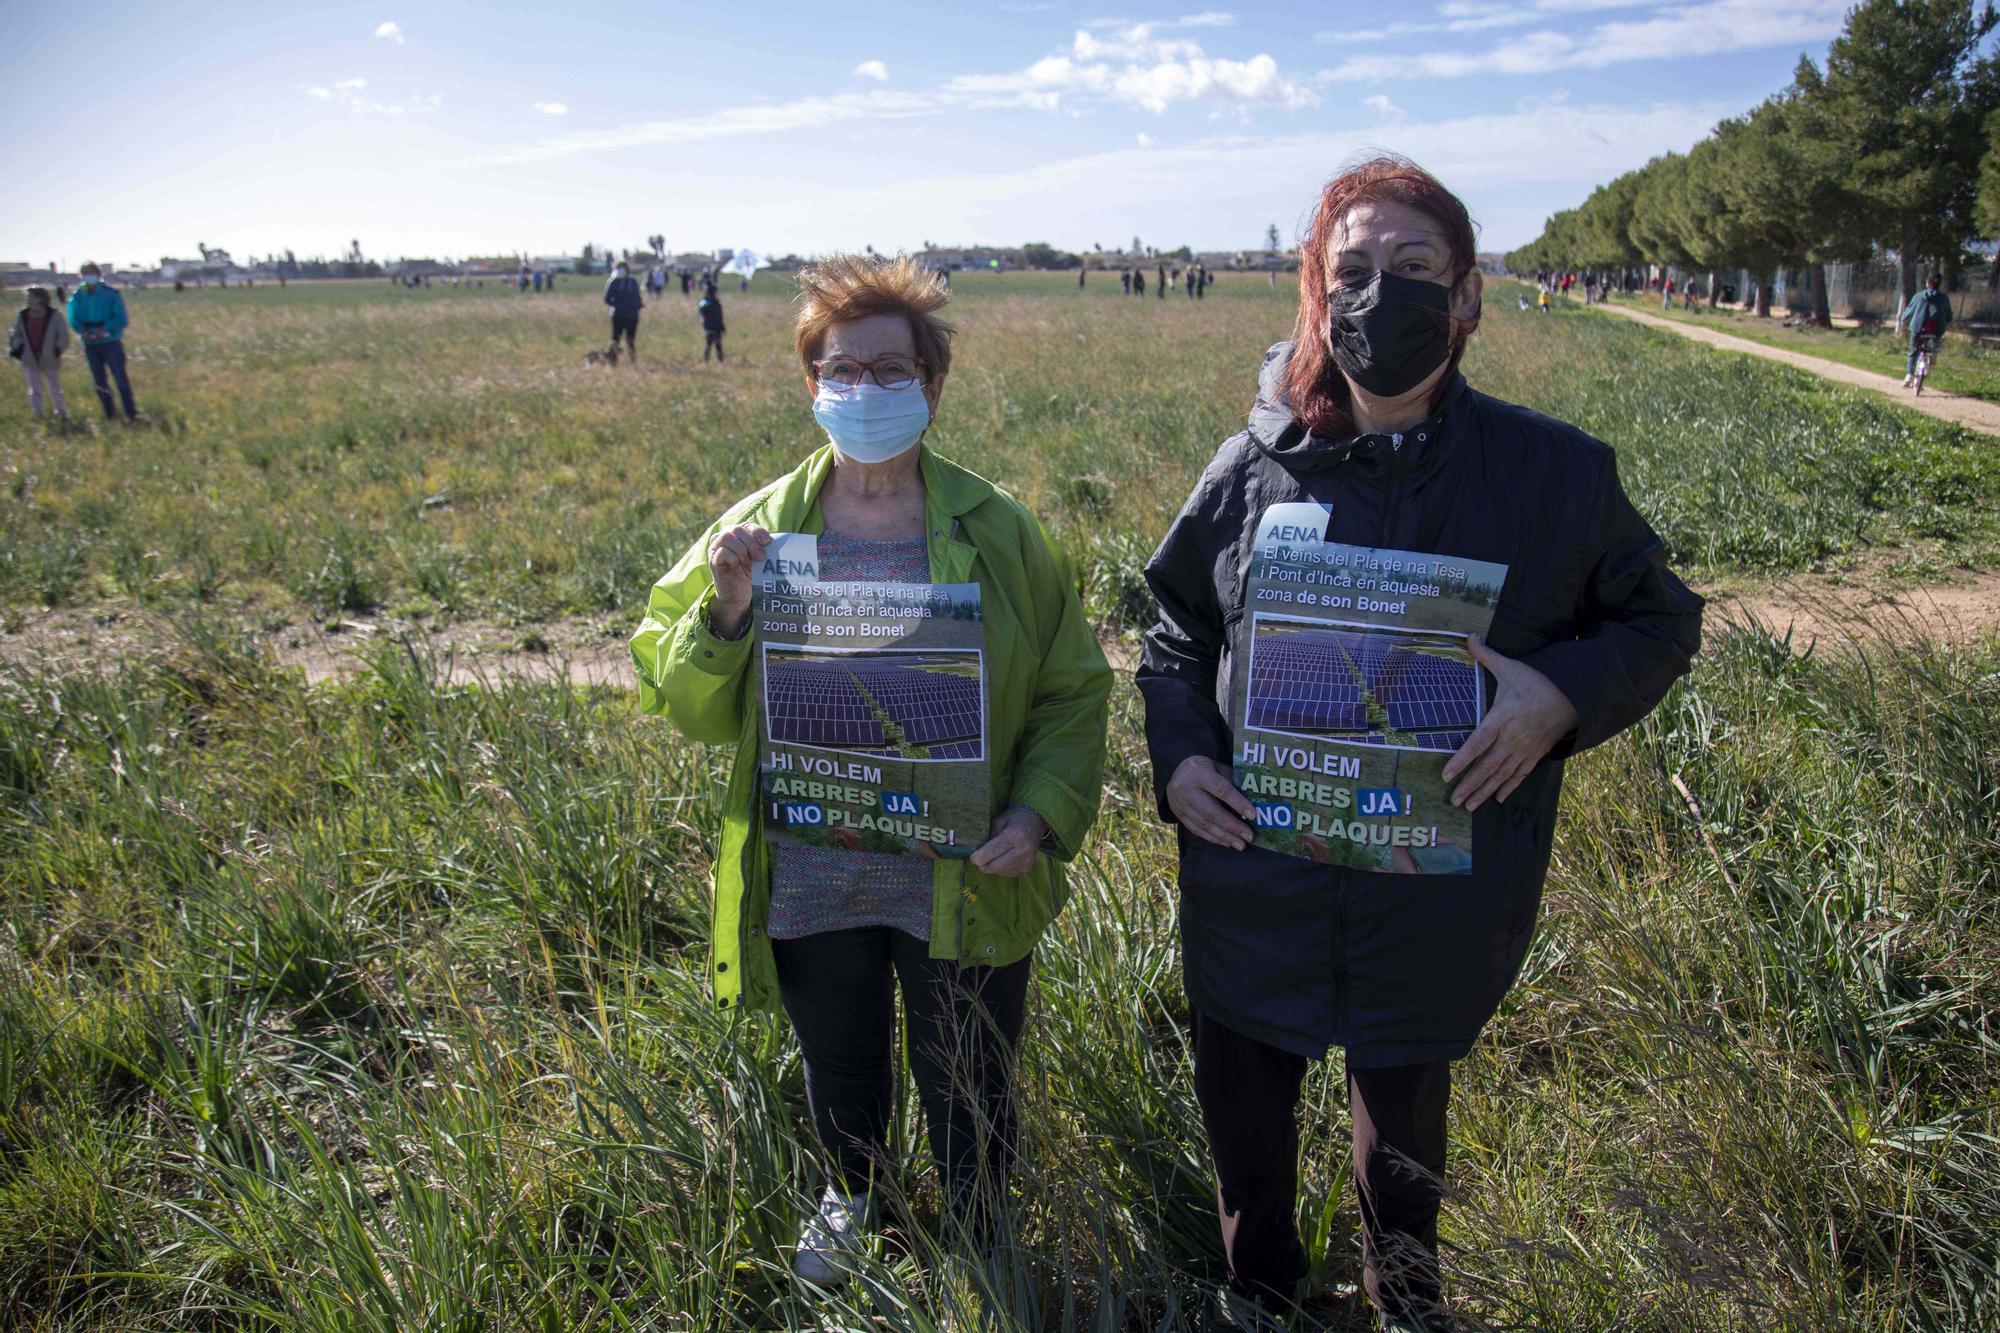 Caminata vecinal en protesta por el parque fotovoltaico en Son Bonet